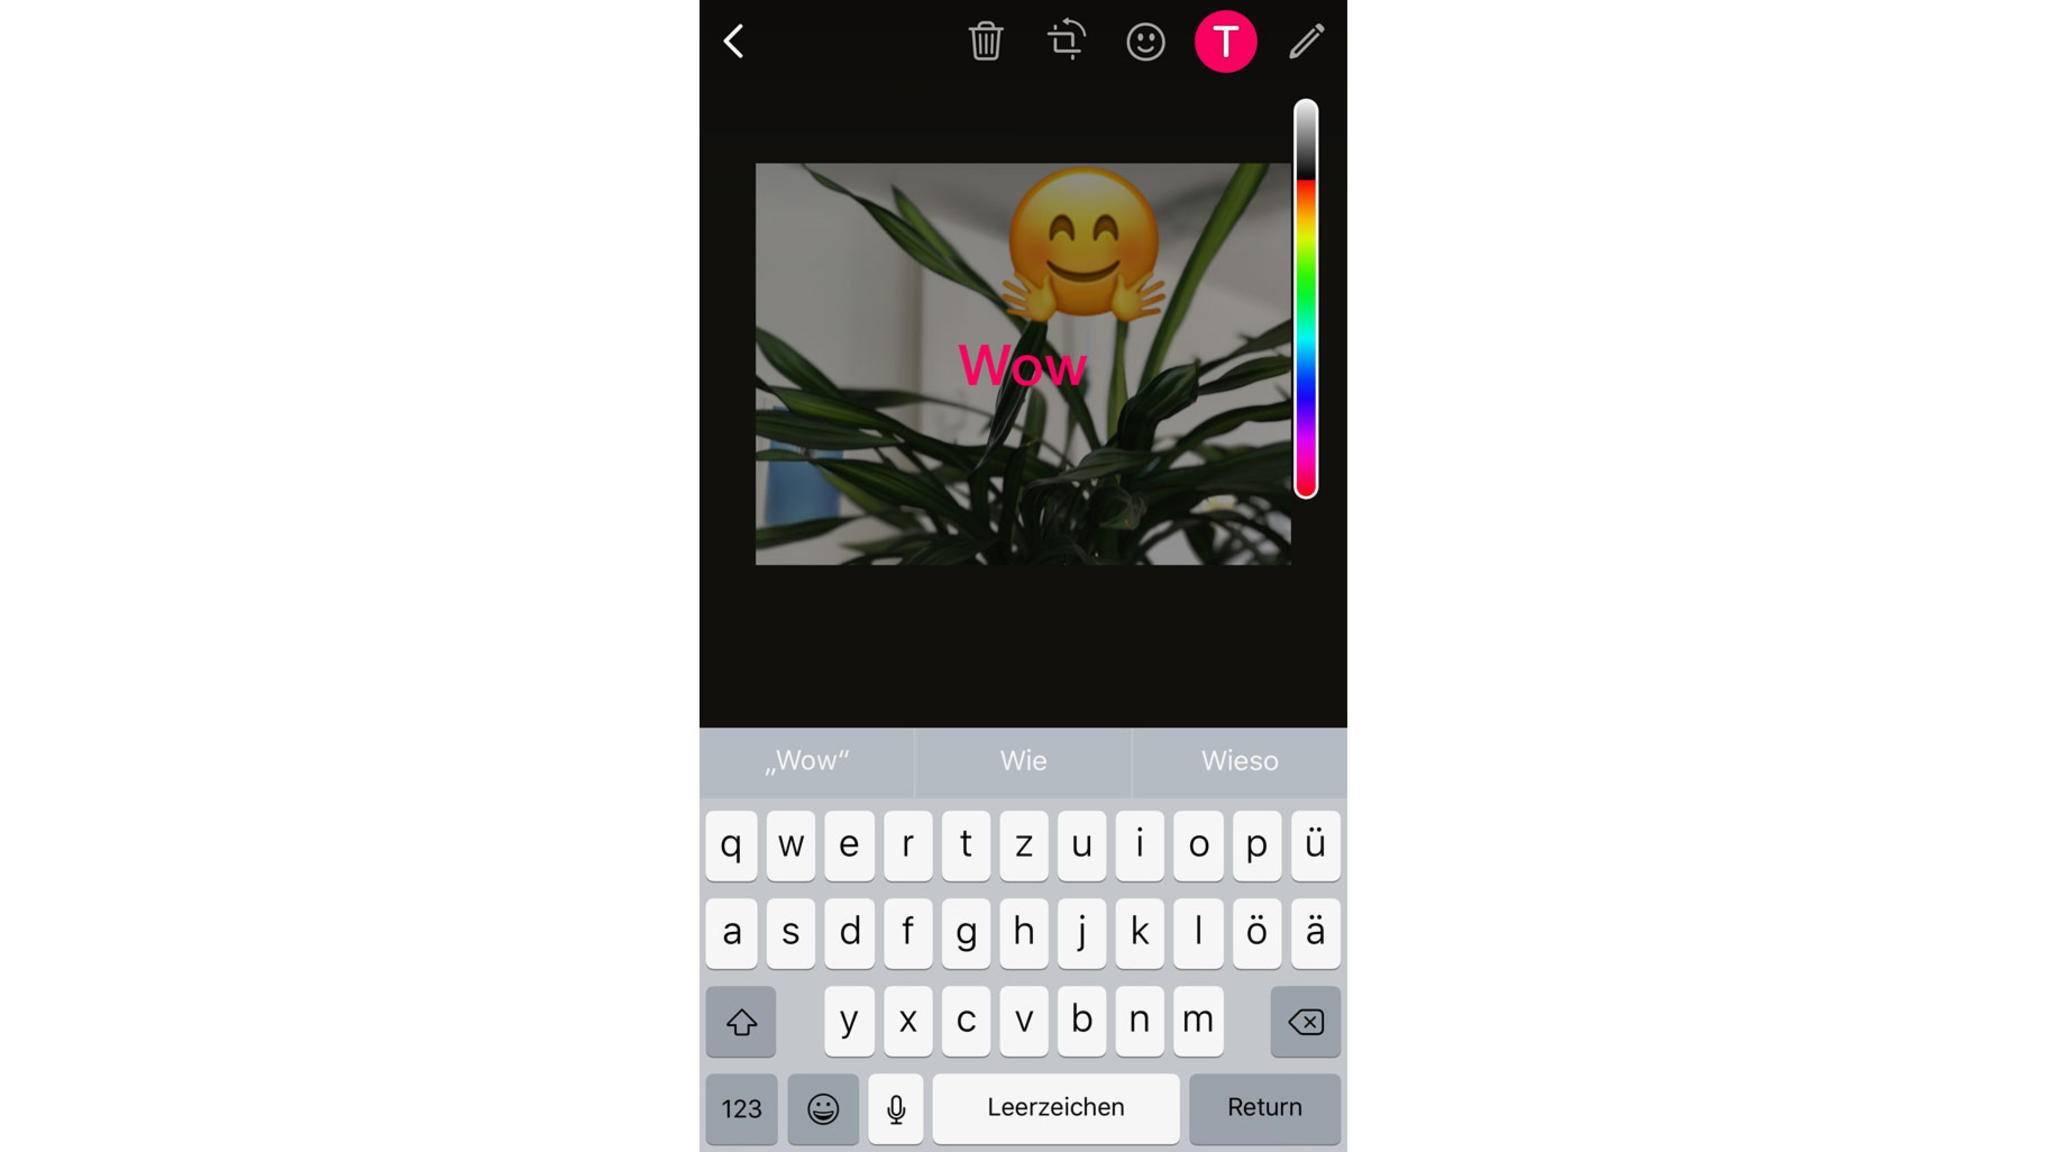 Auch Text kann direkt auf das Foto geschrieben werden.